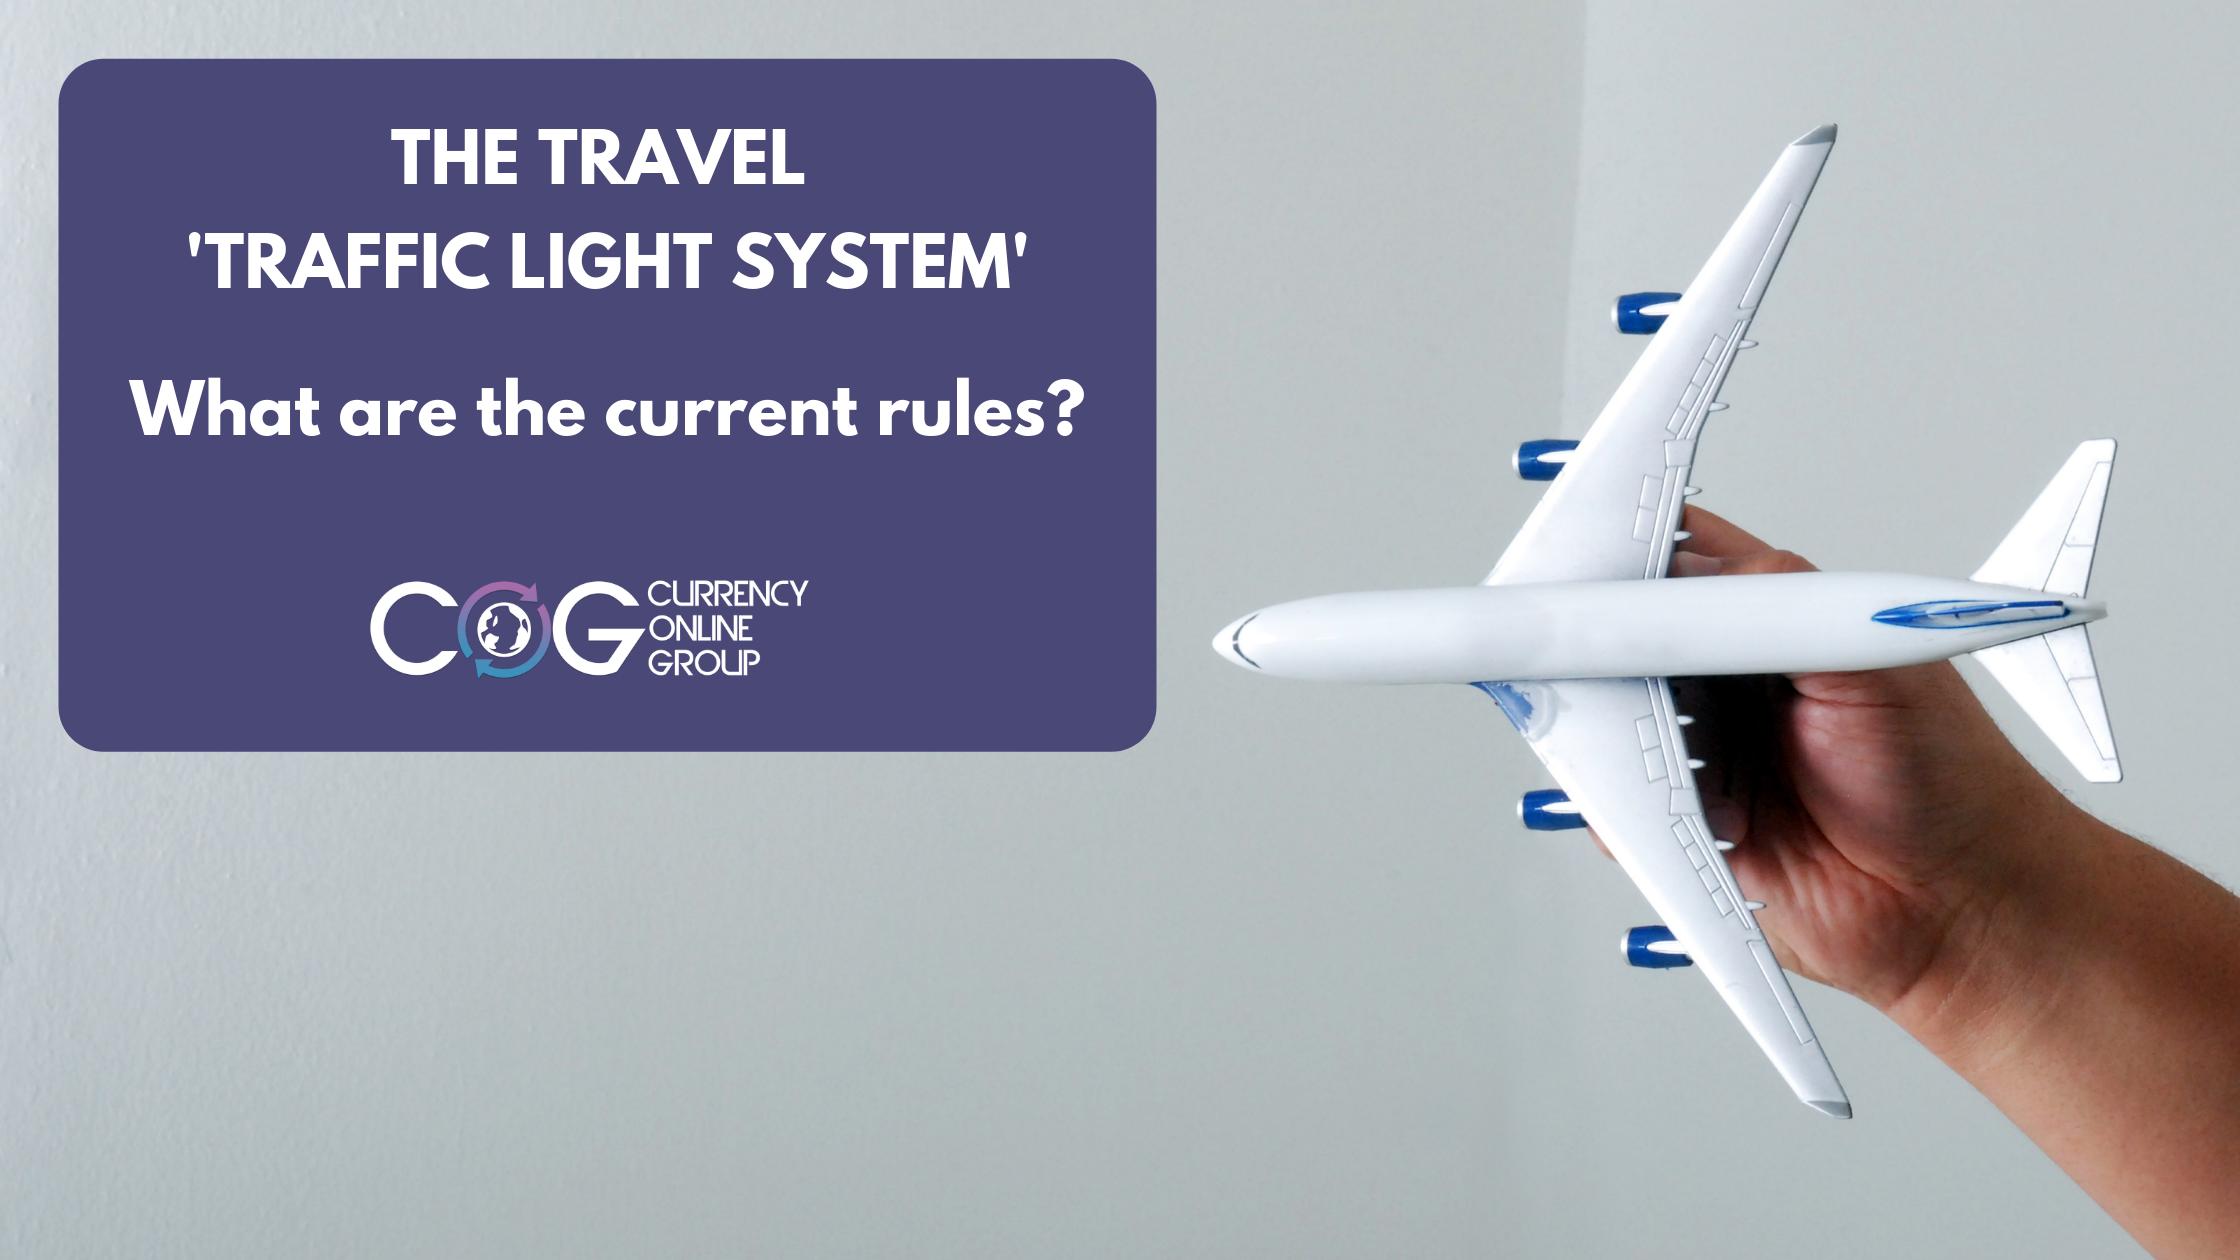 September 2021 rules for the travel 'Traffic Light System'